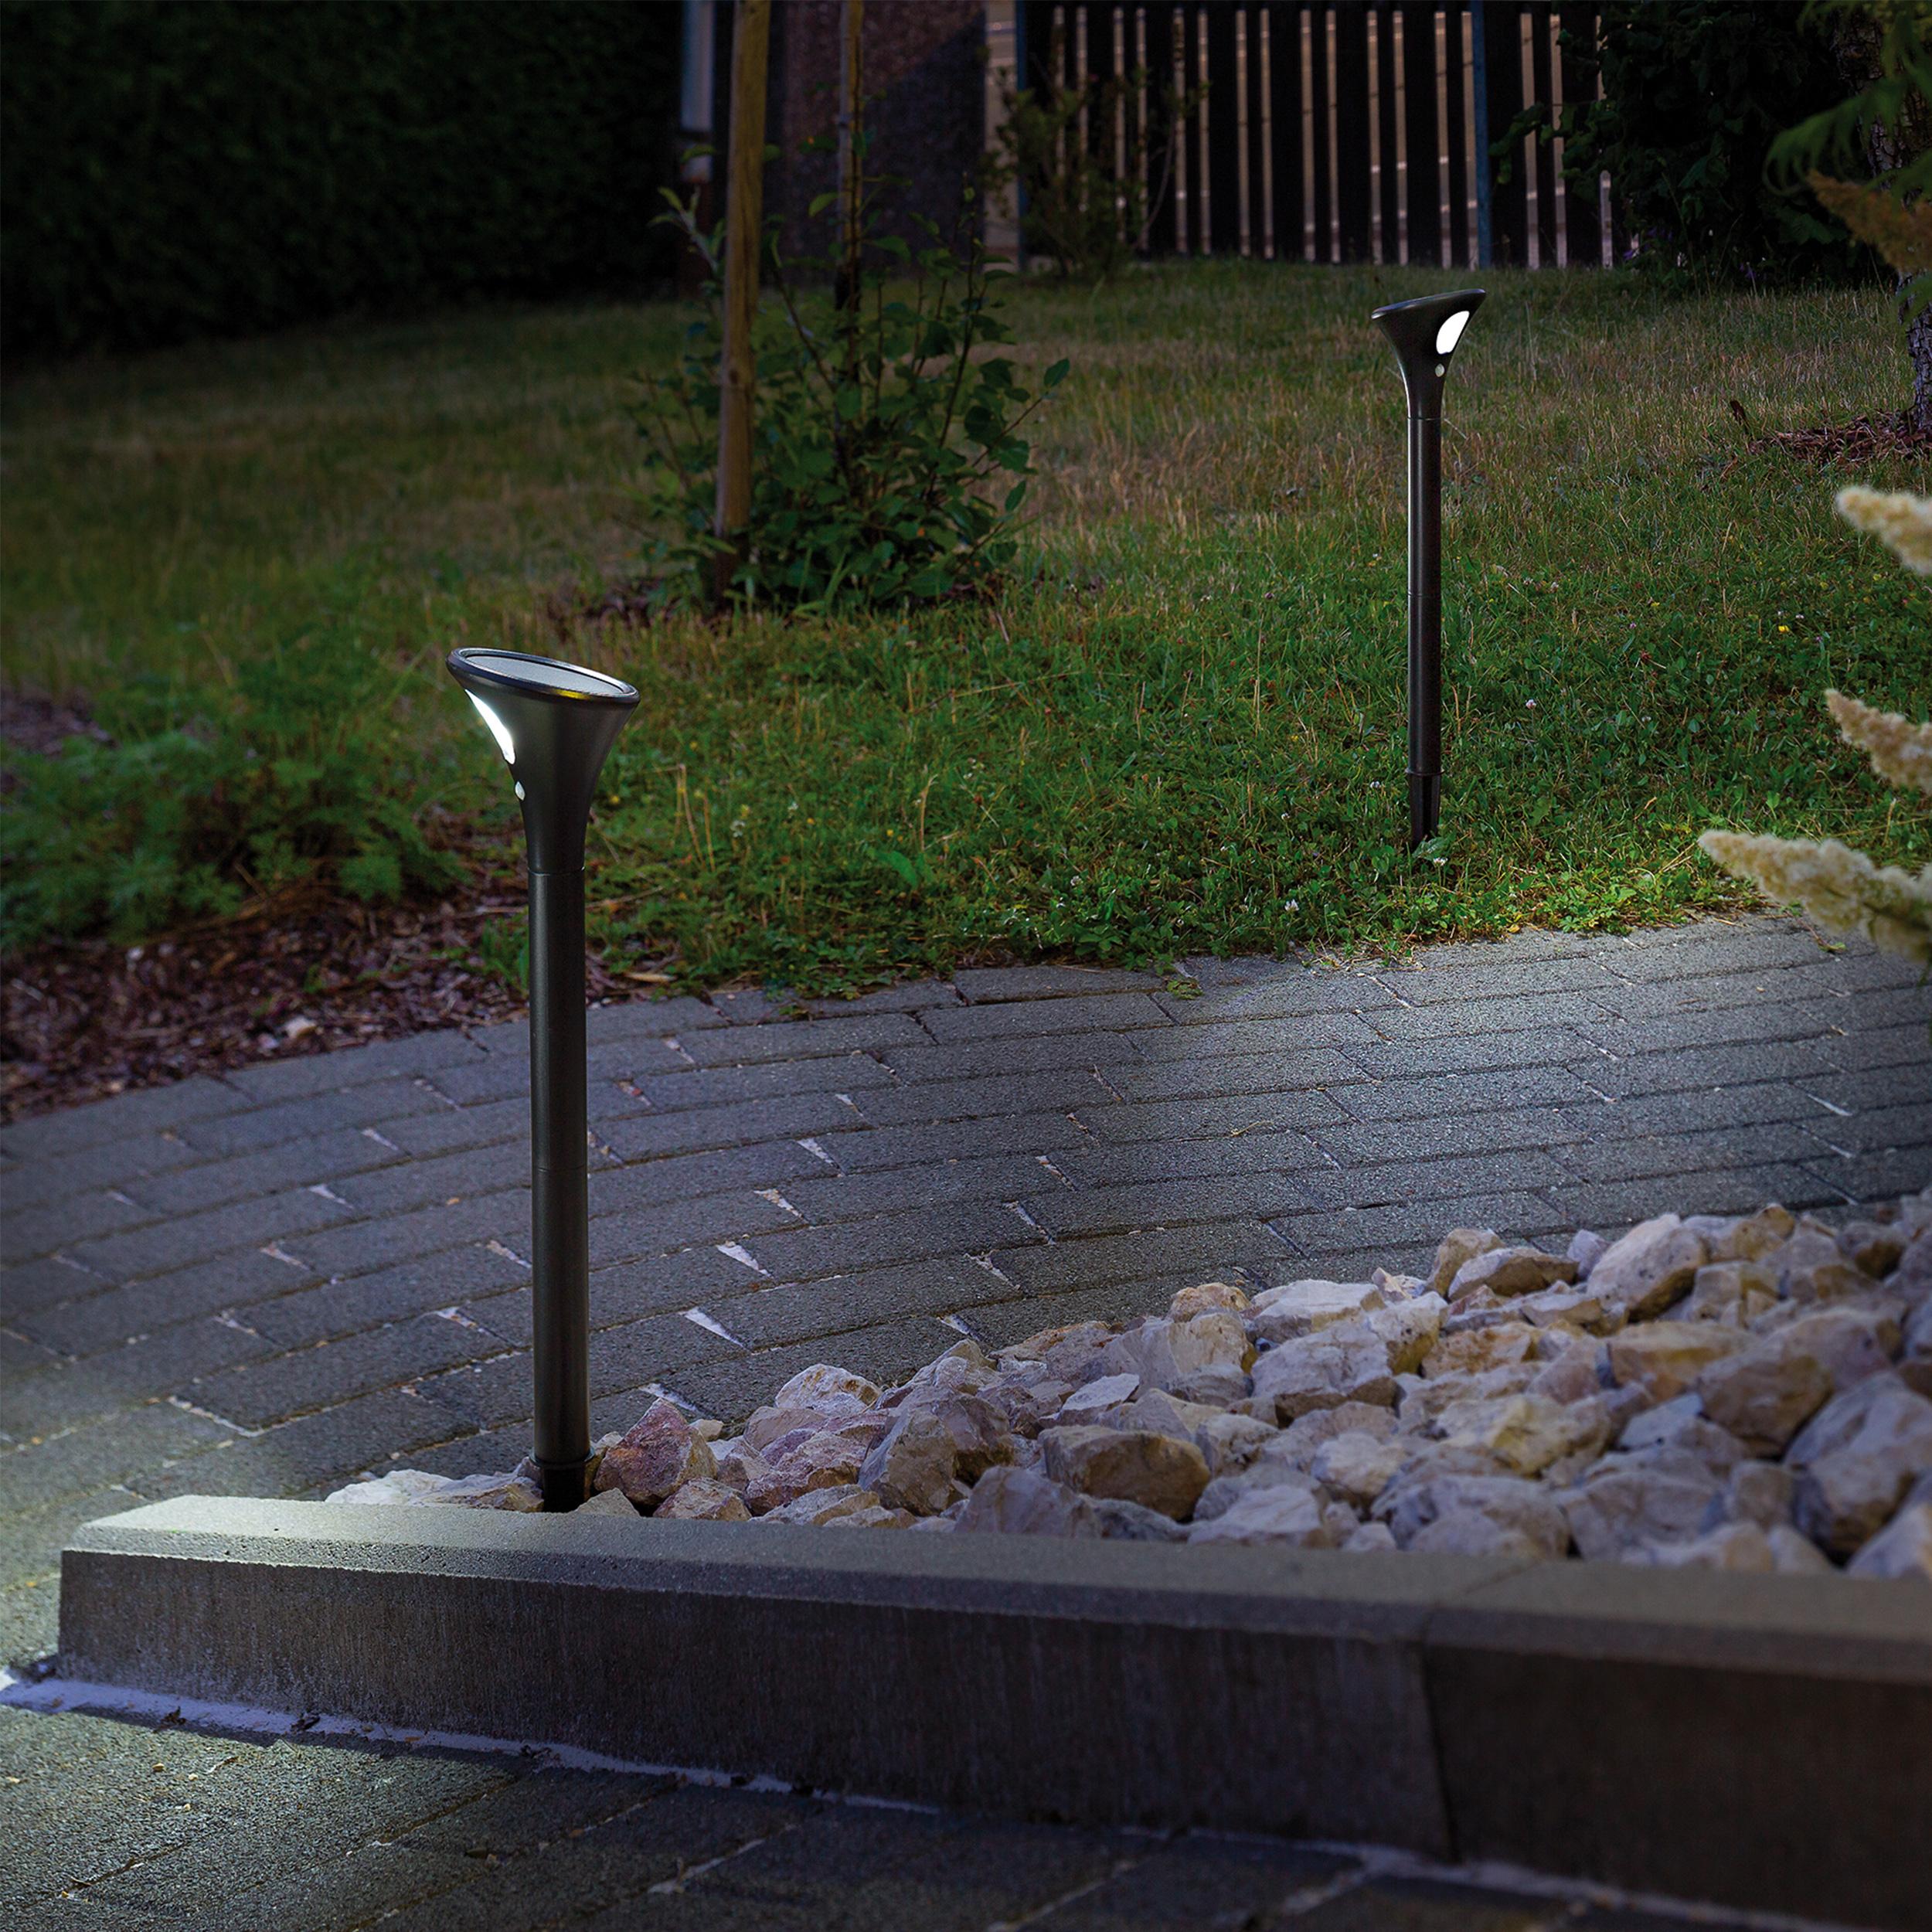 Wegeleuchten Garten Neu solar Sensor Wegeleuchten topspot Im 2er Set